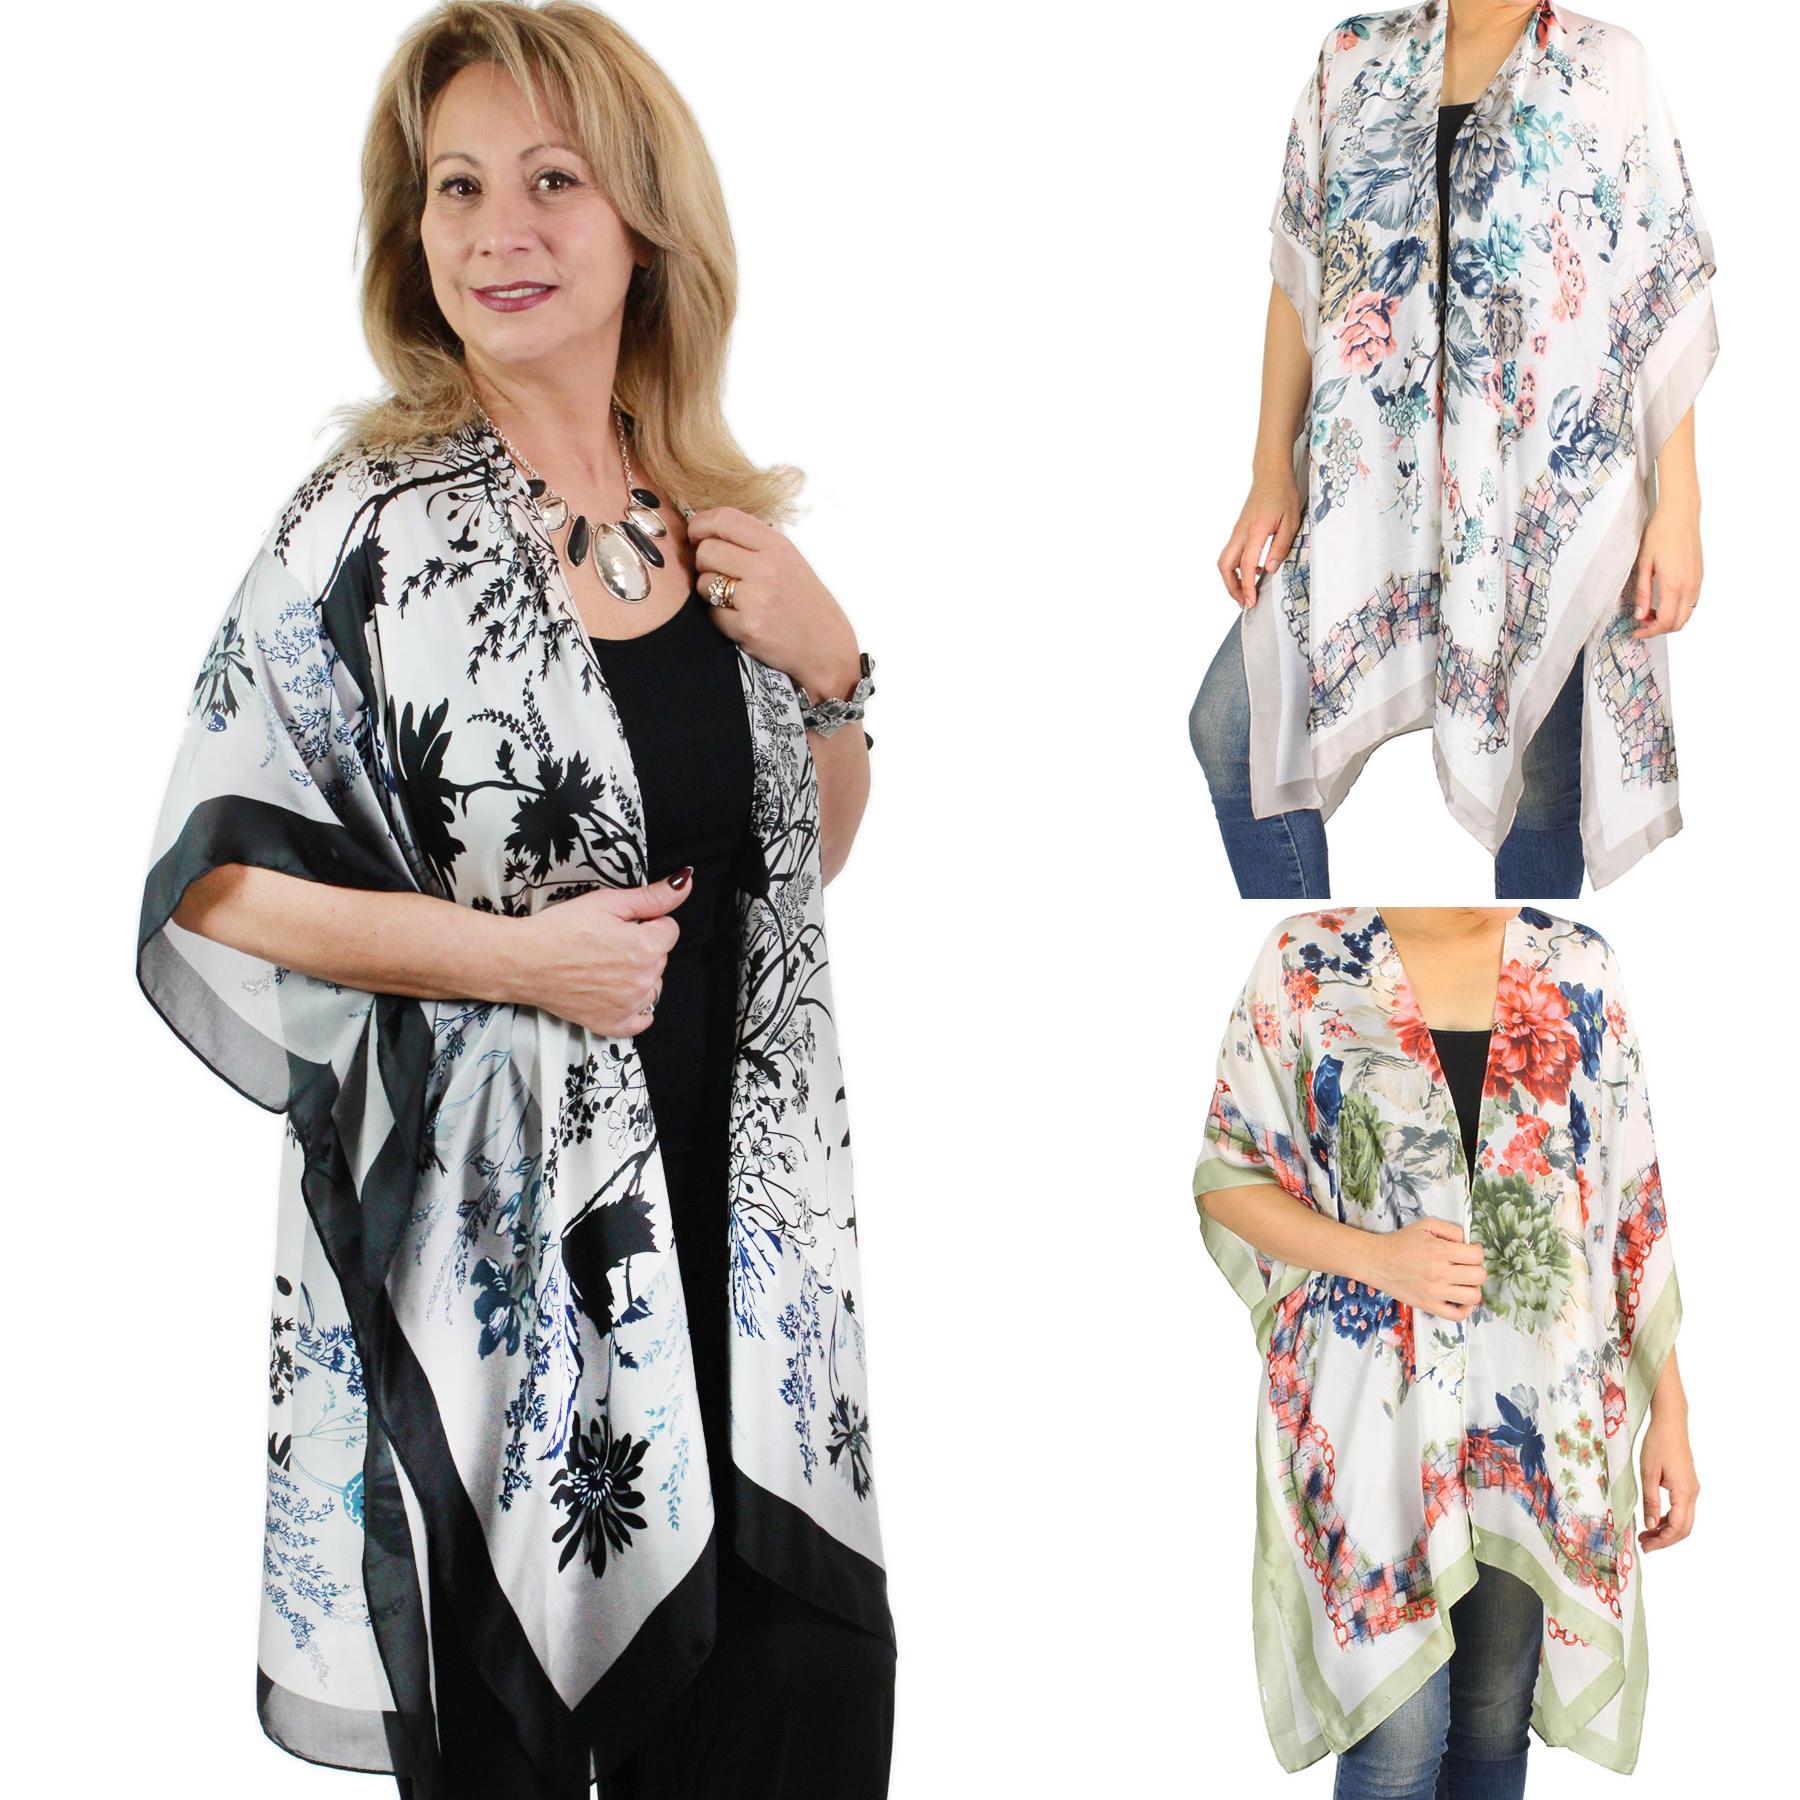 Satin Kimono - Flower Print 9286 & 9287